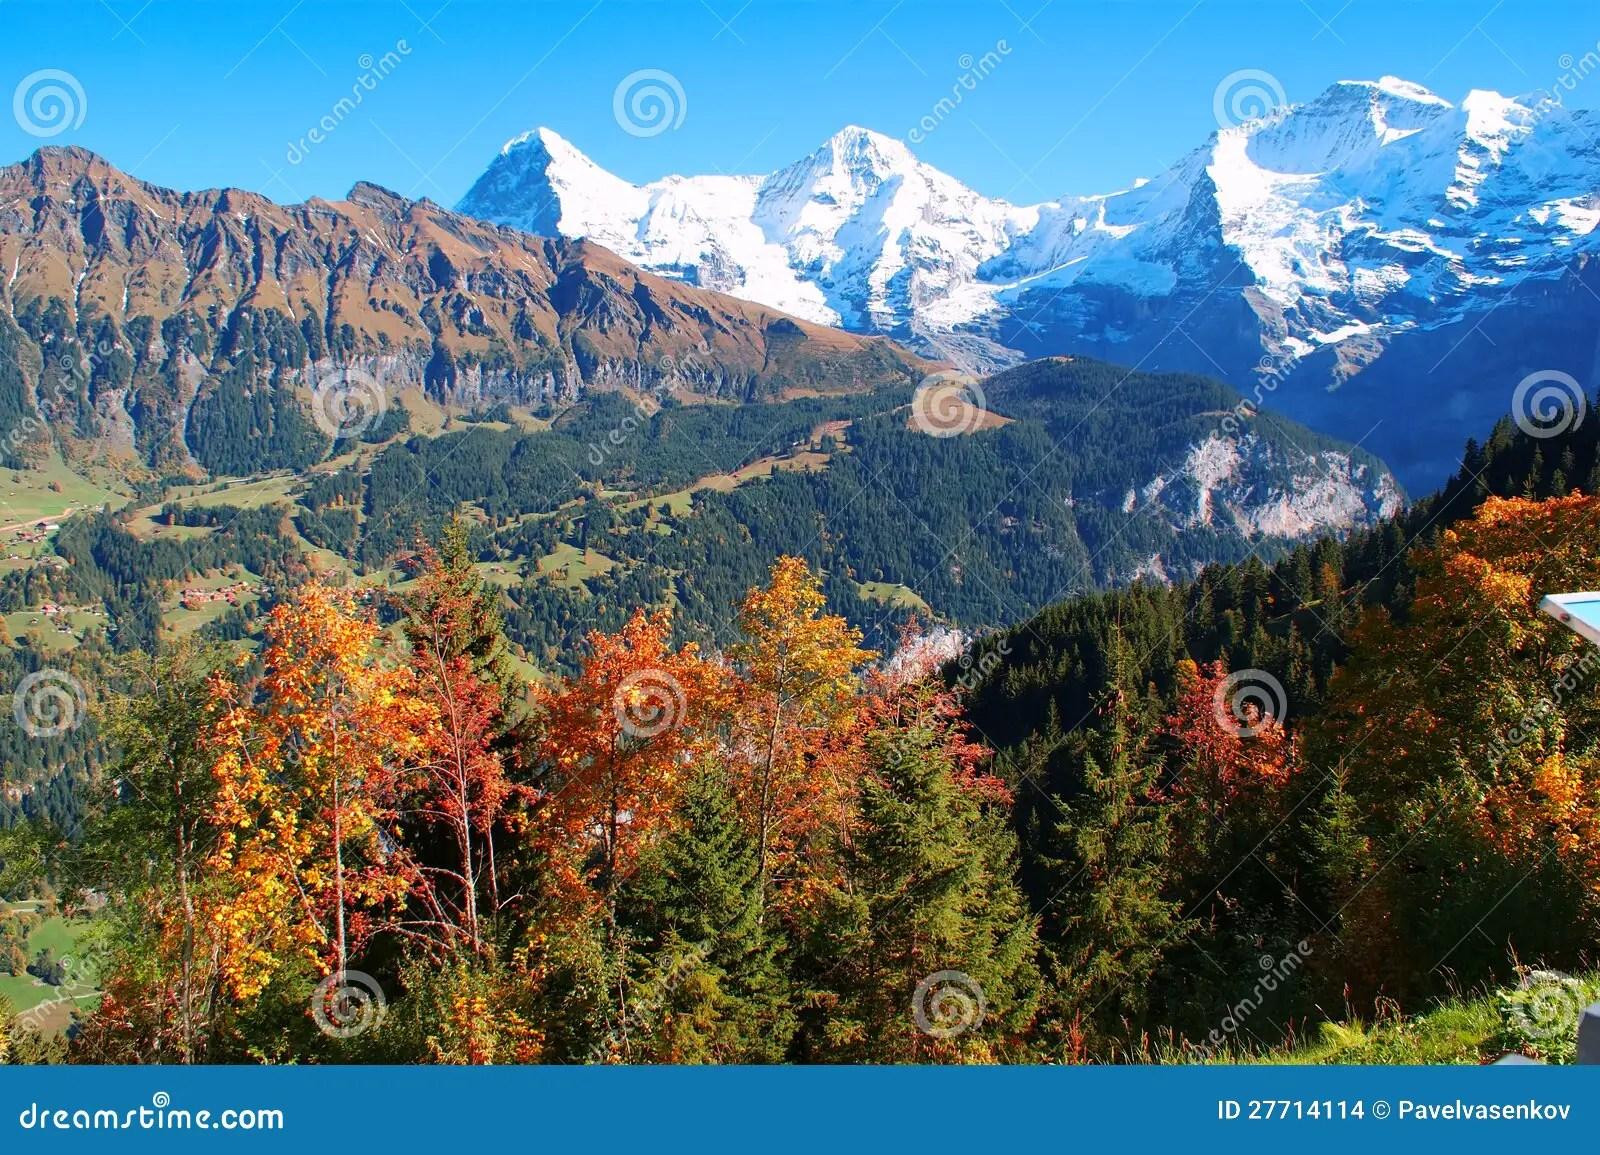 Fall In The Mountains Wallpaper Autunno Nelle Montagne Le Alpi Svizzera Fotografia Stock